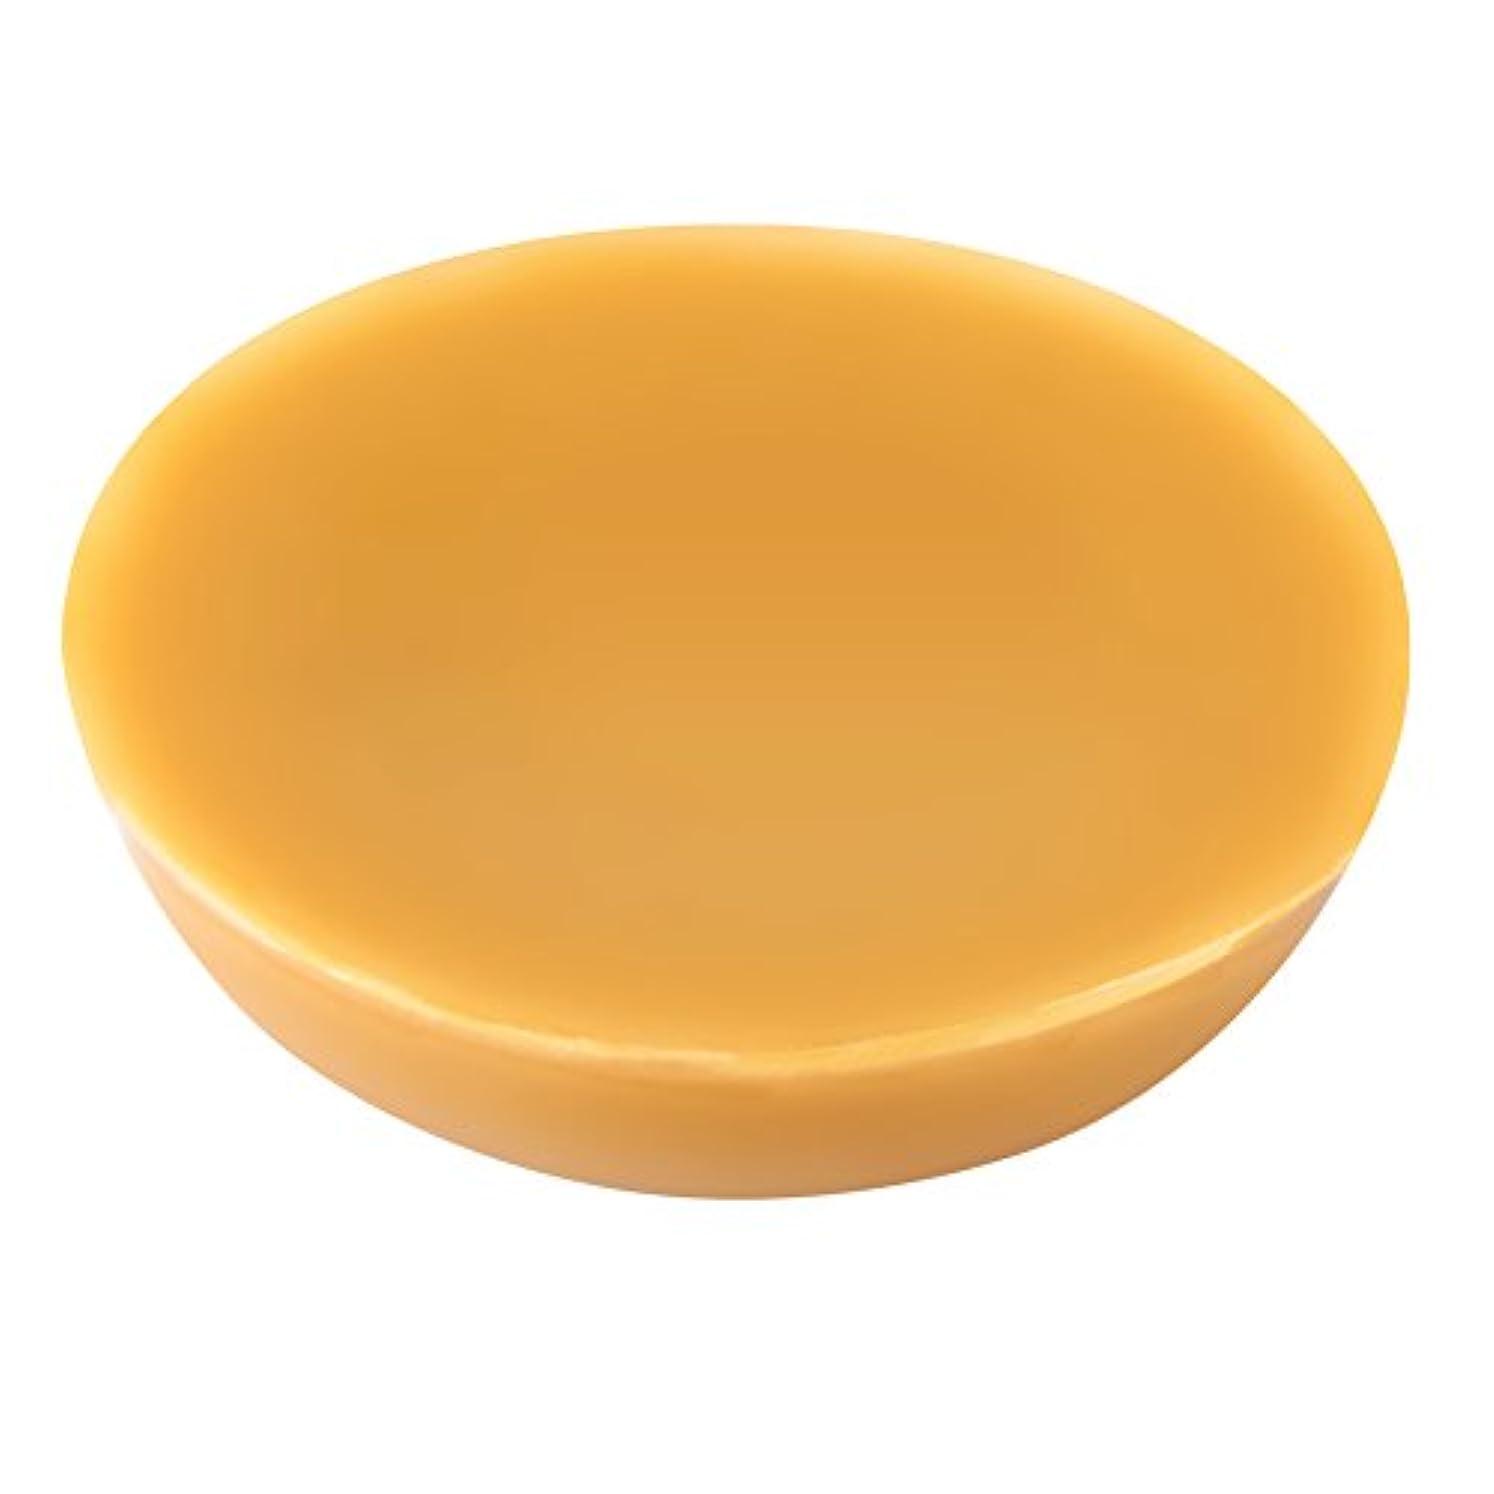 非難するファックスドラゴン自然な蜜蝋、石鹸の化粧品の口紅のための食品等級の自然で純粋な蜂のワックス